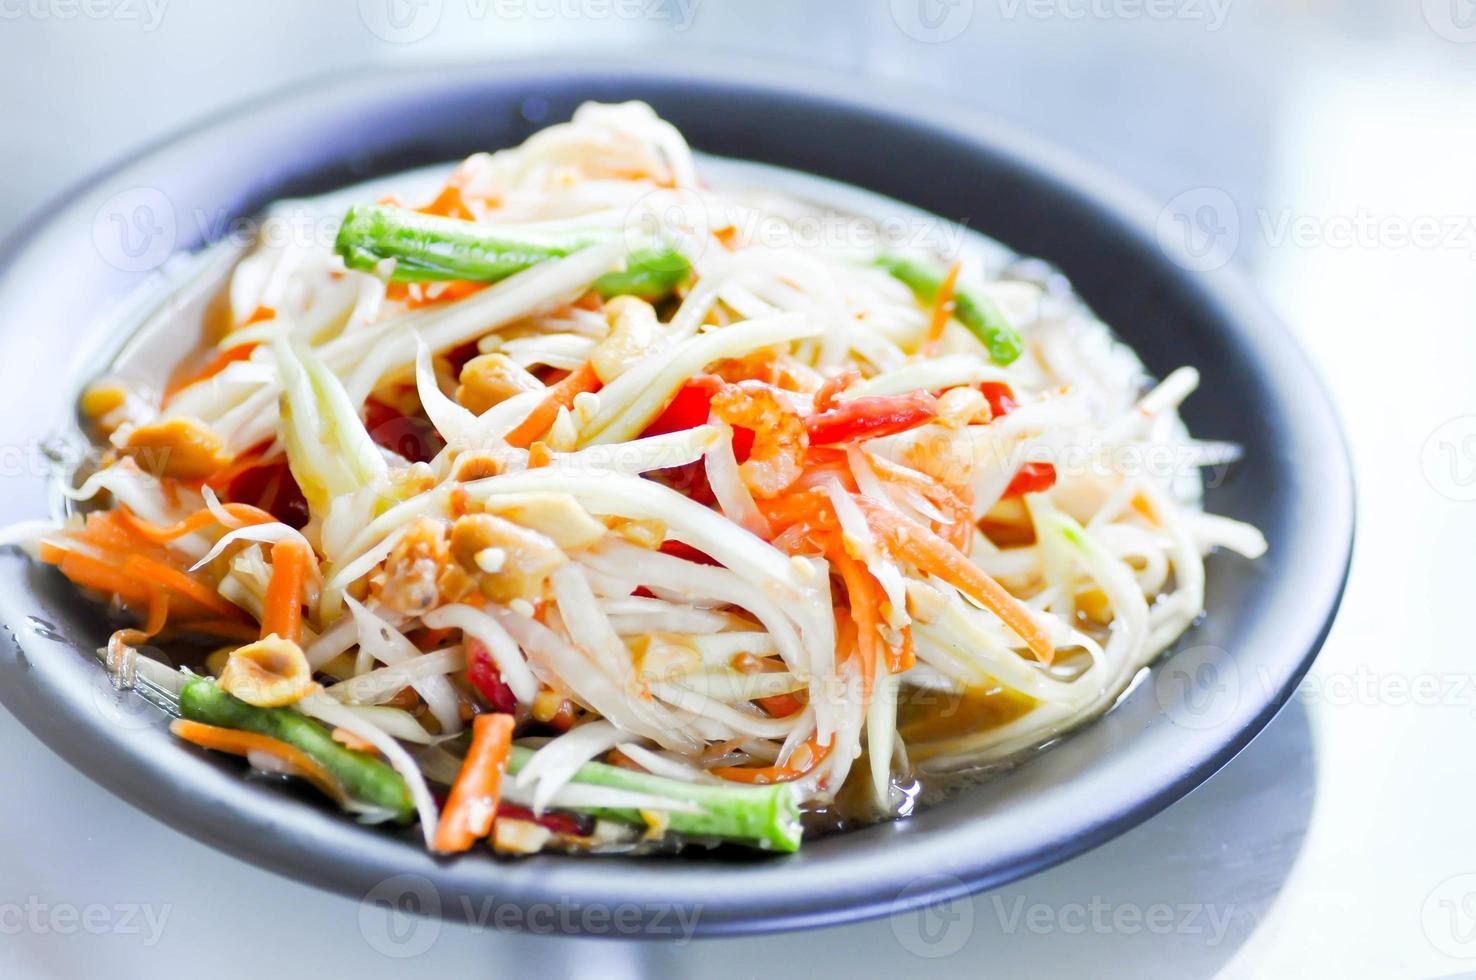 papayasallad, grönsakssallad, kryddig sallad, thailändsk sallad foto